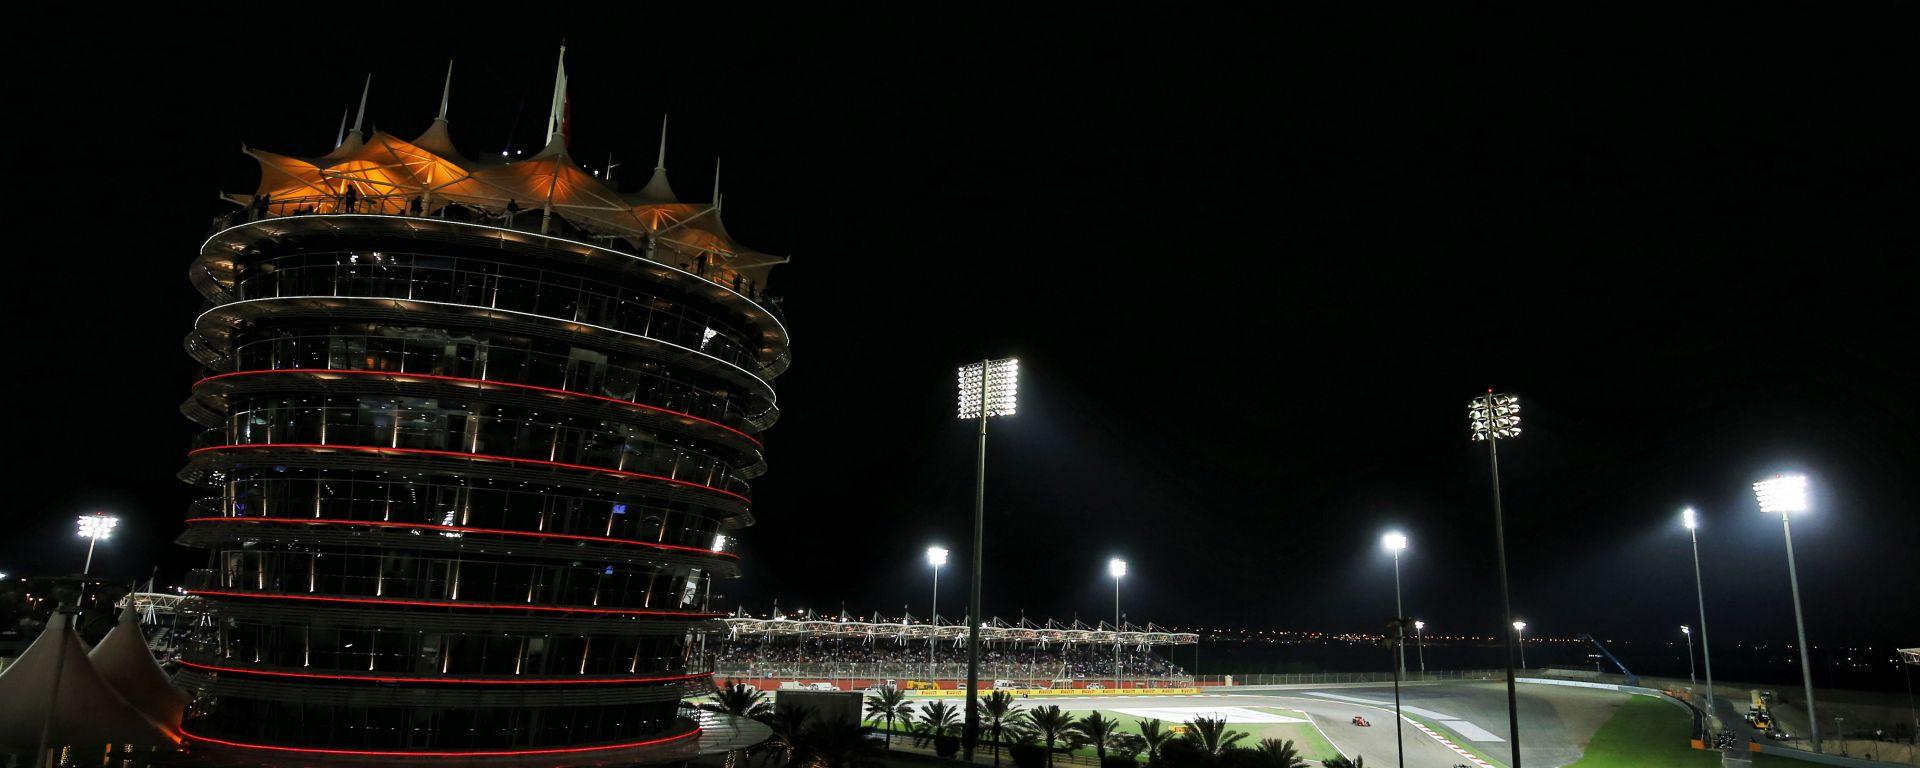 GP Bahrain: panoramica del circuito di Sakhir